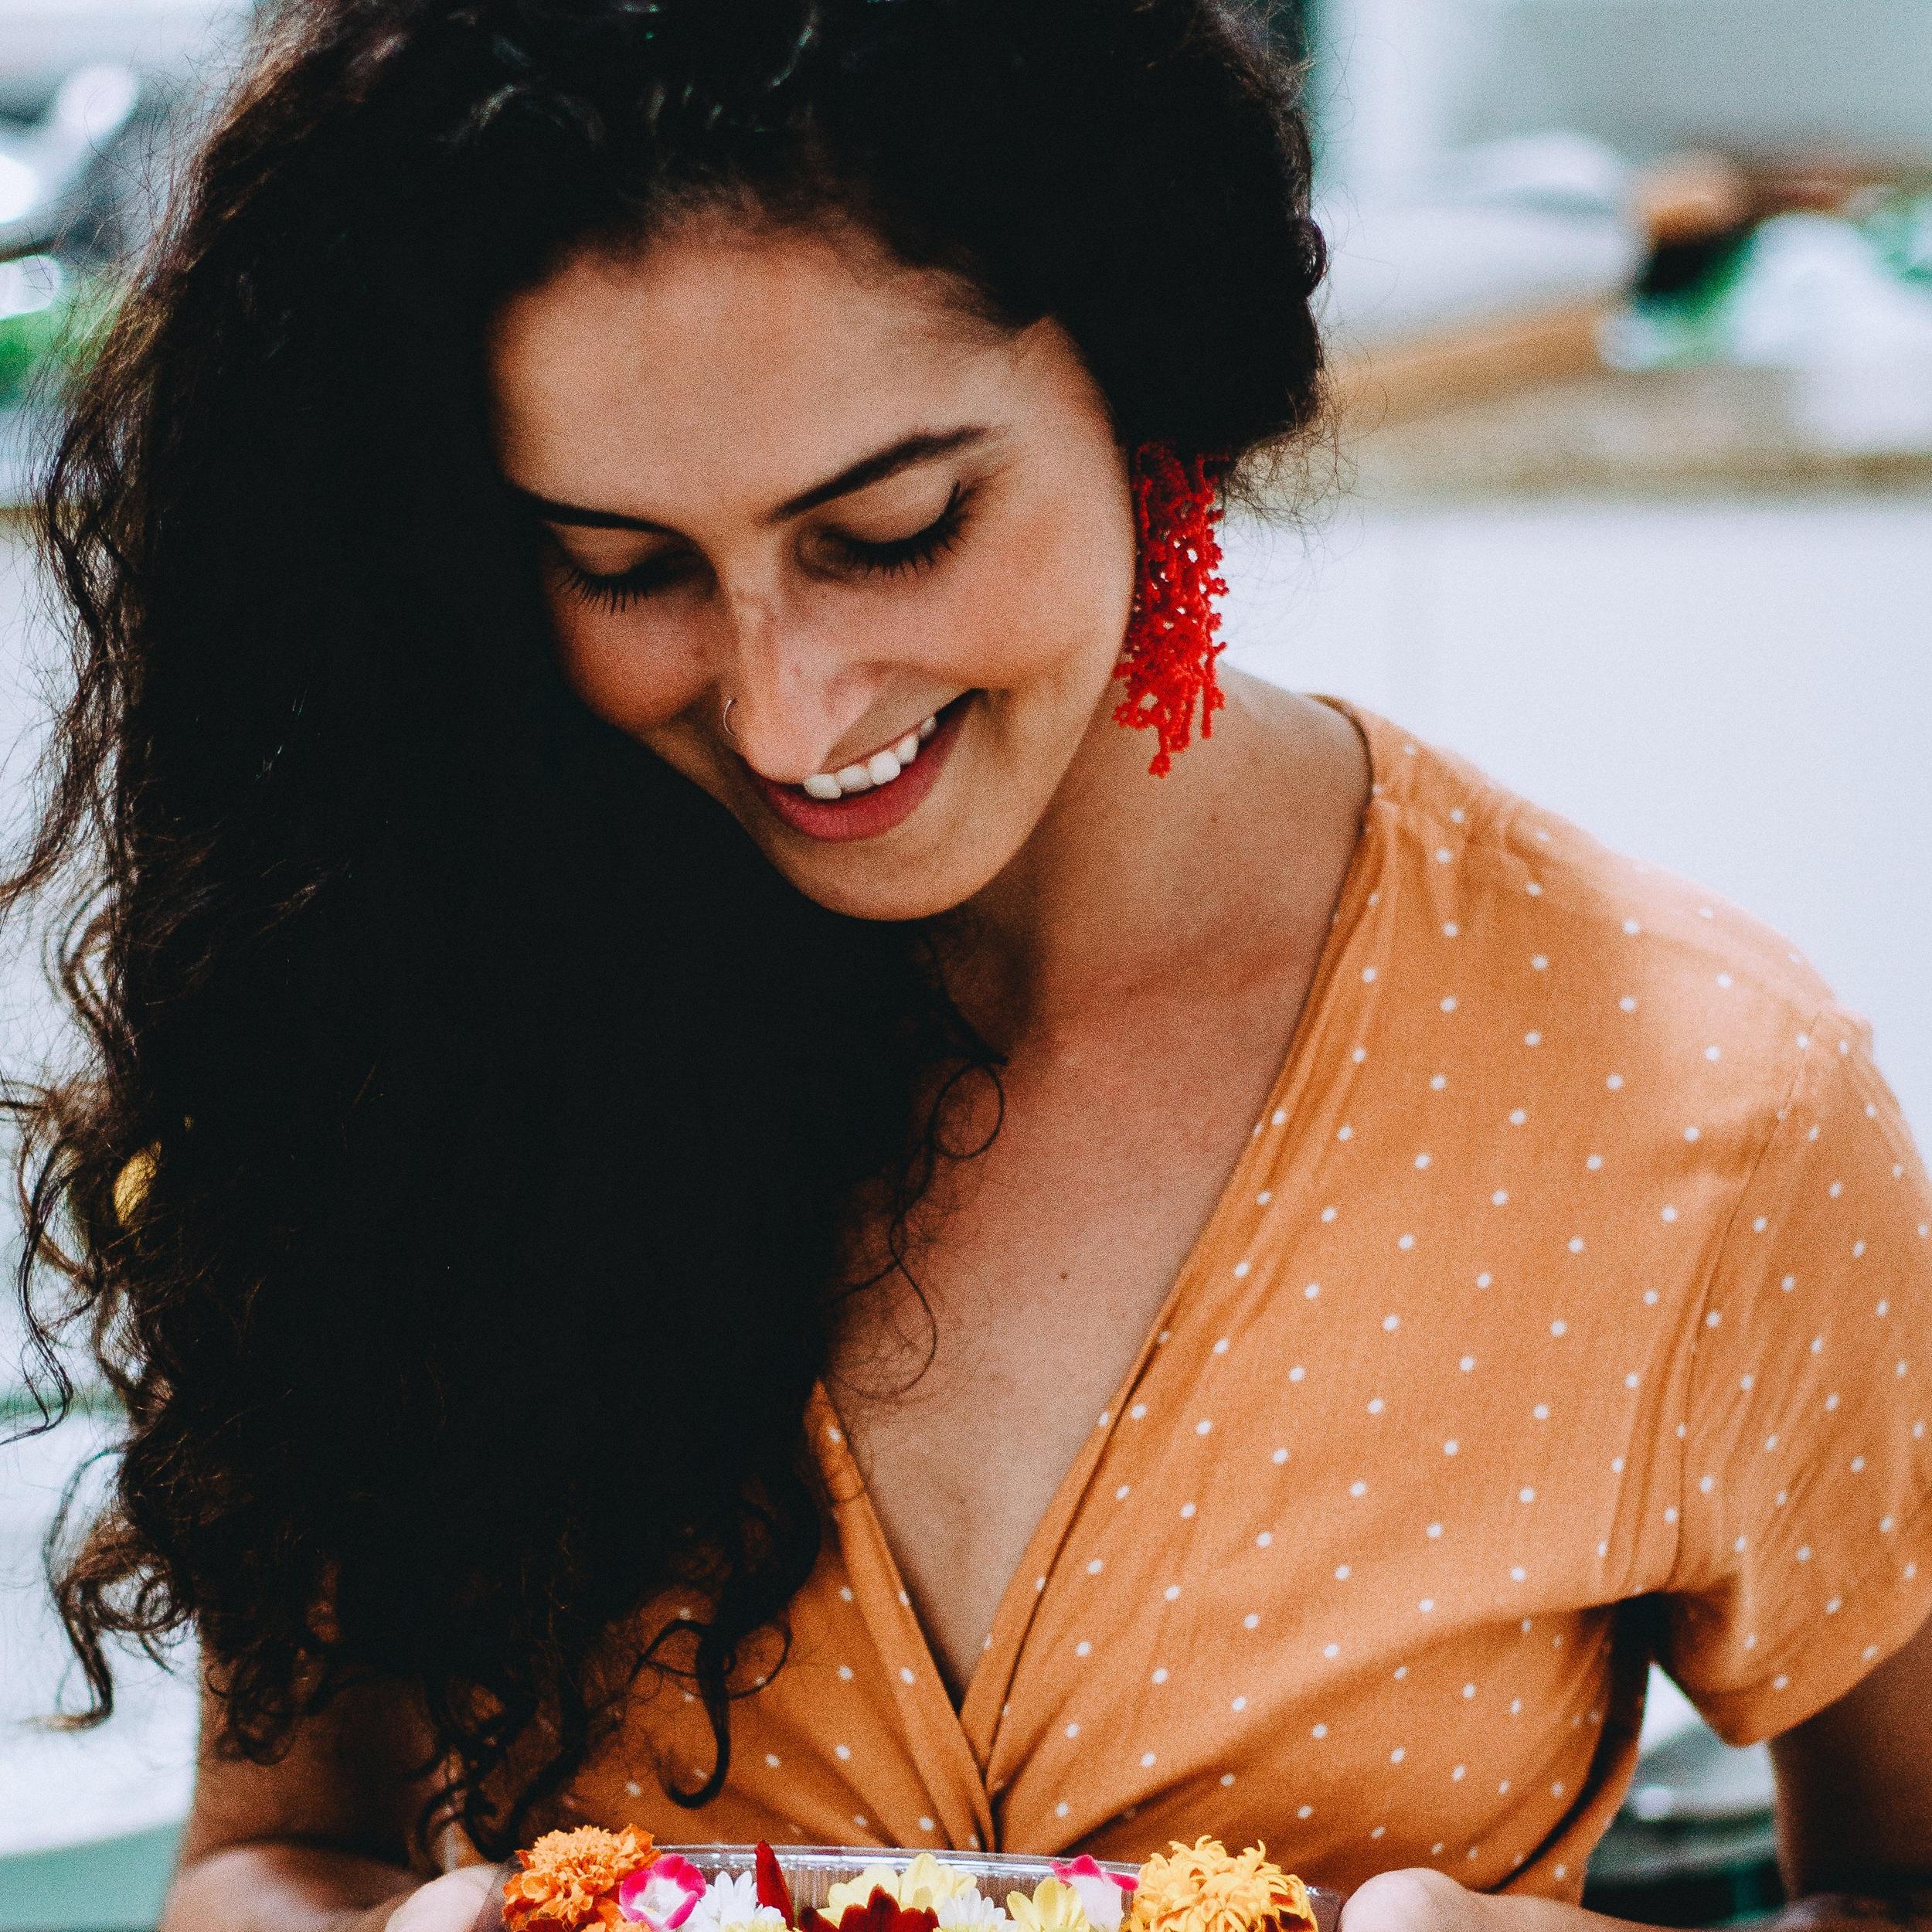 Nathalia Manso